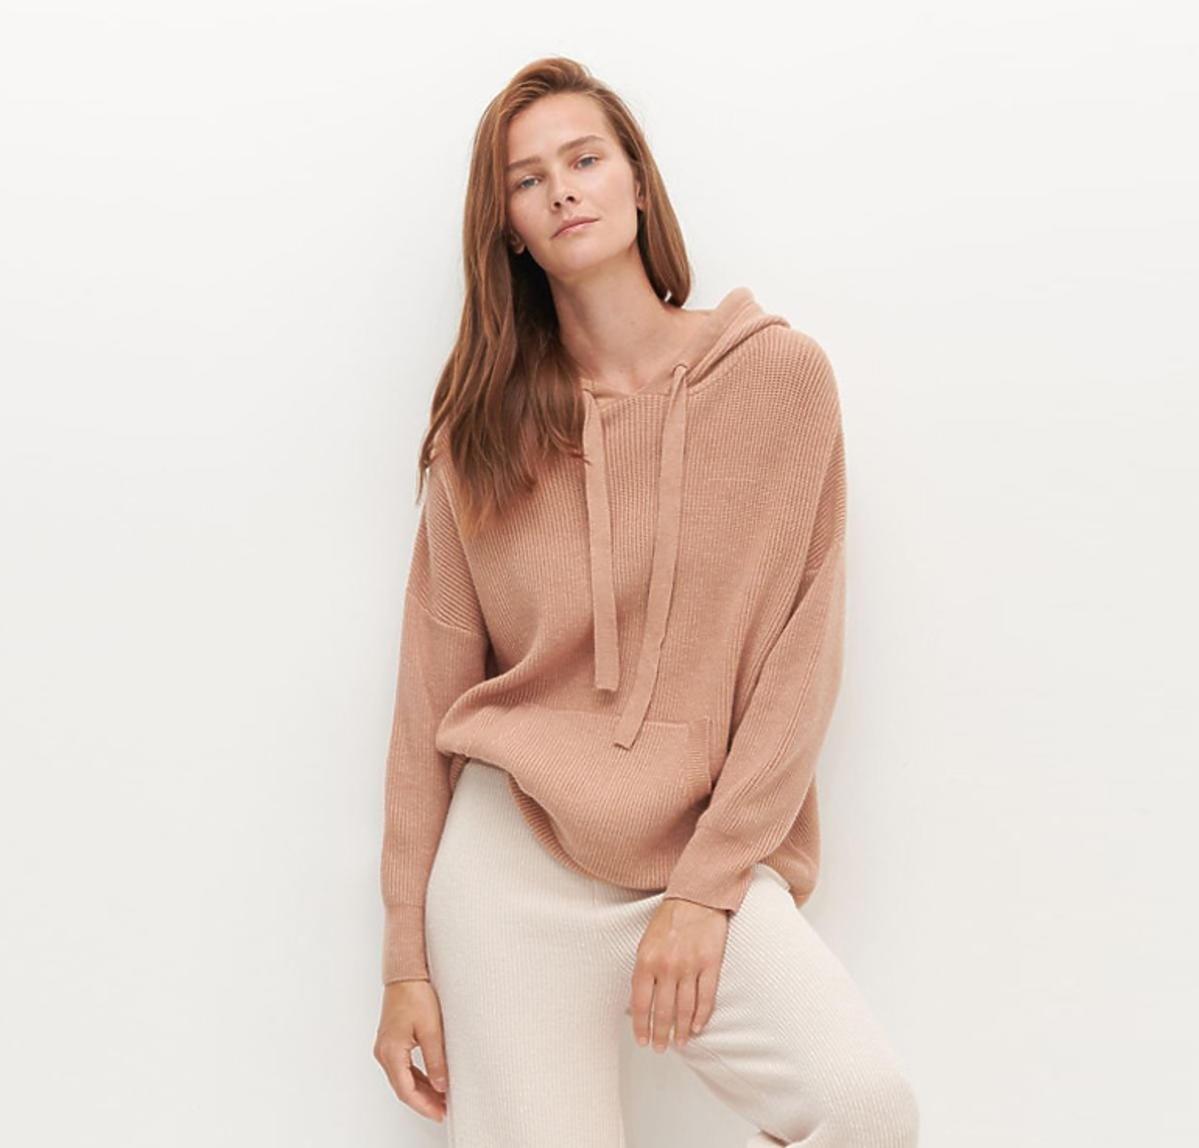 Beżowy sweter z kapturem Reserved, 69 zł